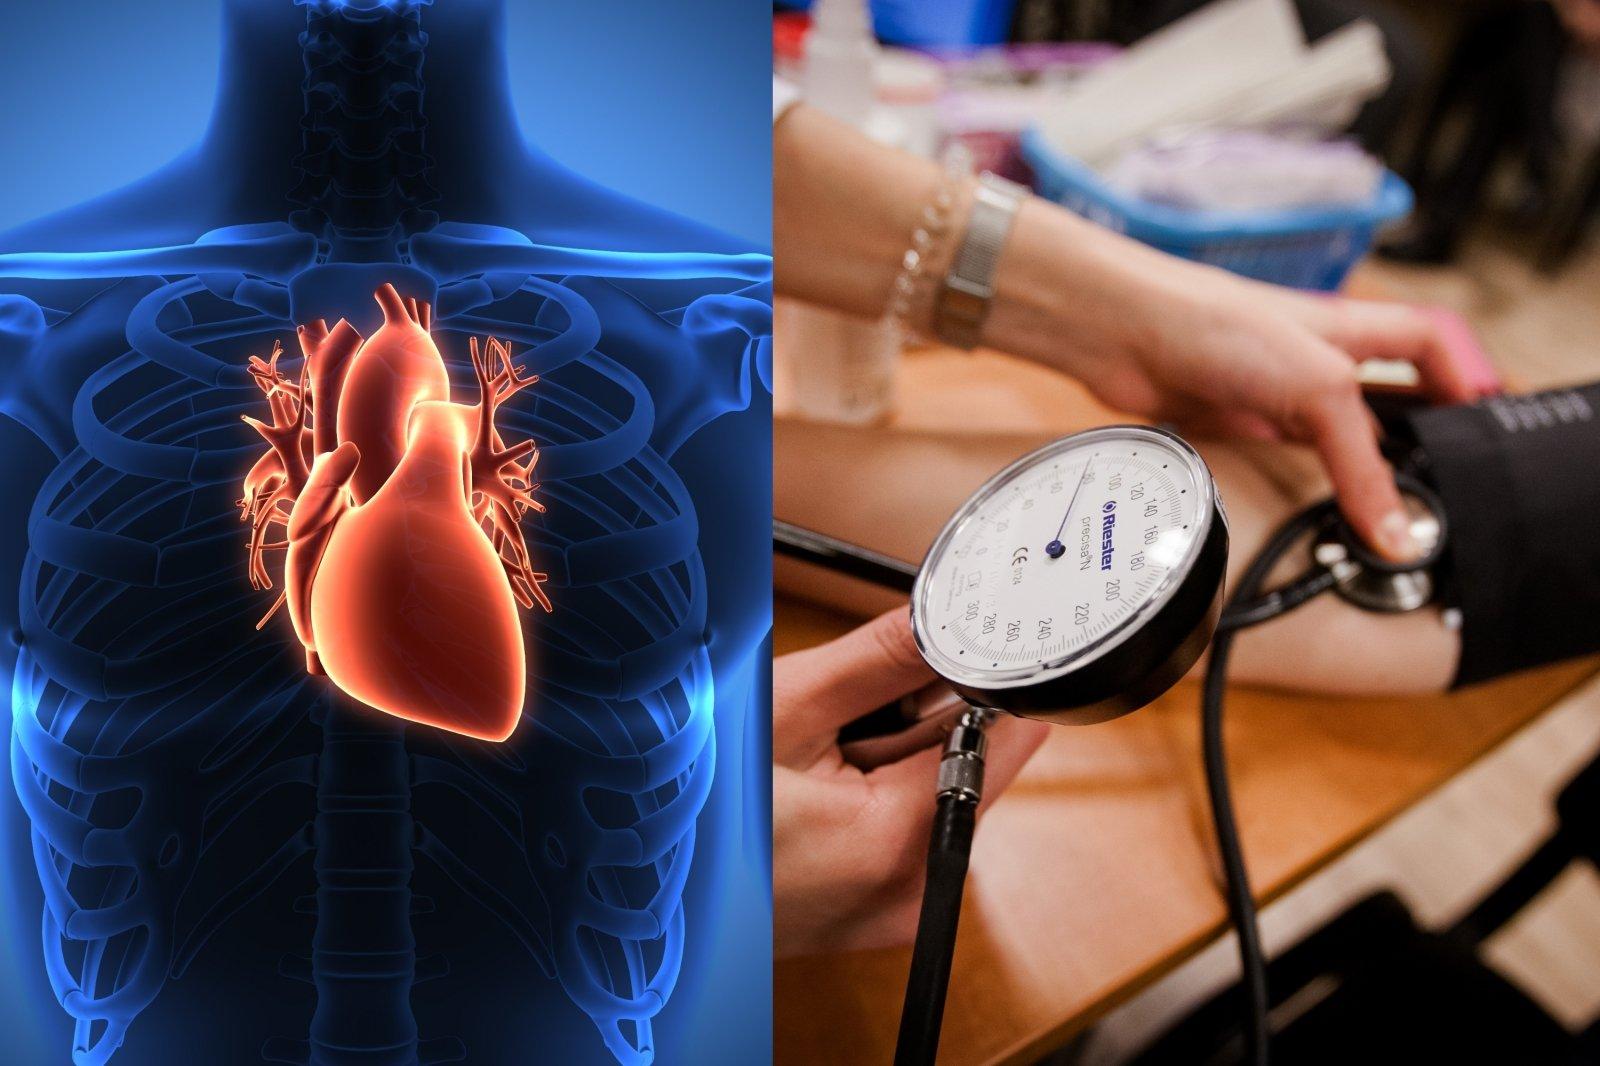 Kardiologė apie širdies sveikatą: genai svarbu, tačiau ligas galima atitolinti arba jų išvengti